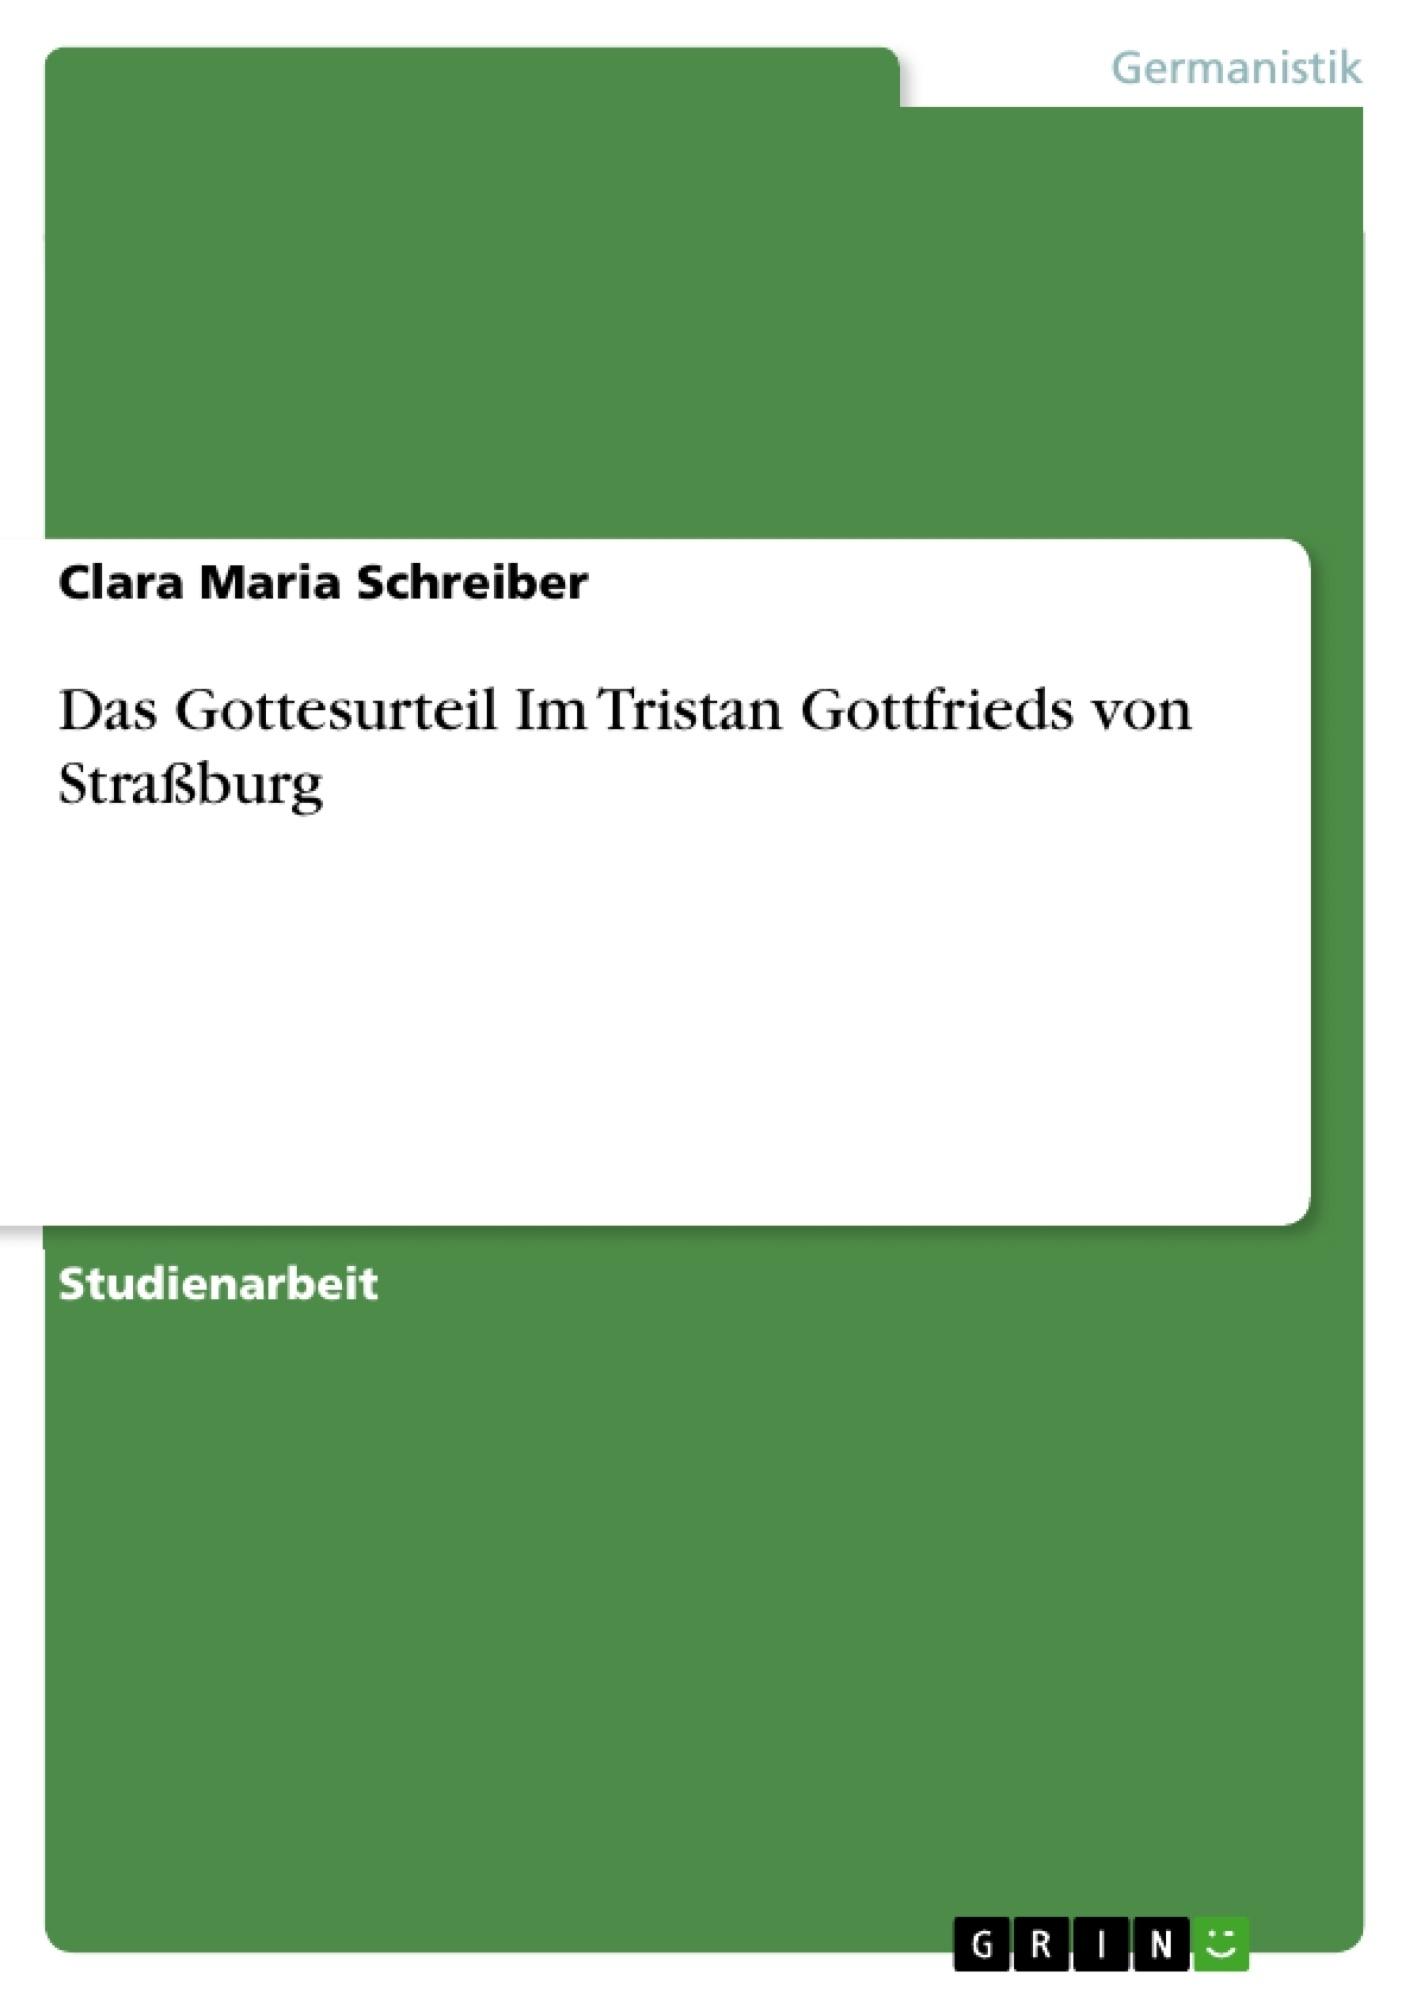 Titel: Das Gottesurteil Im Tristan Gottfrieds von Straßburg